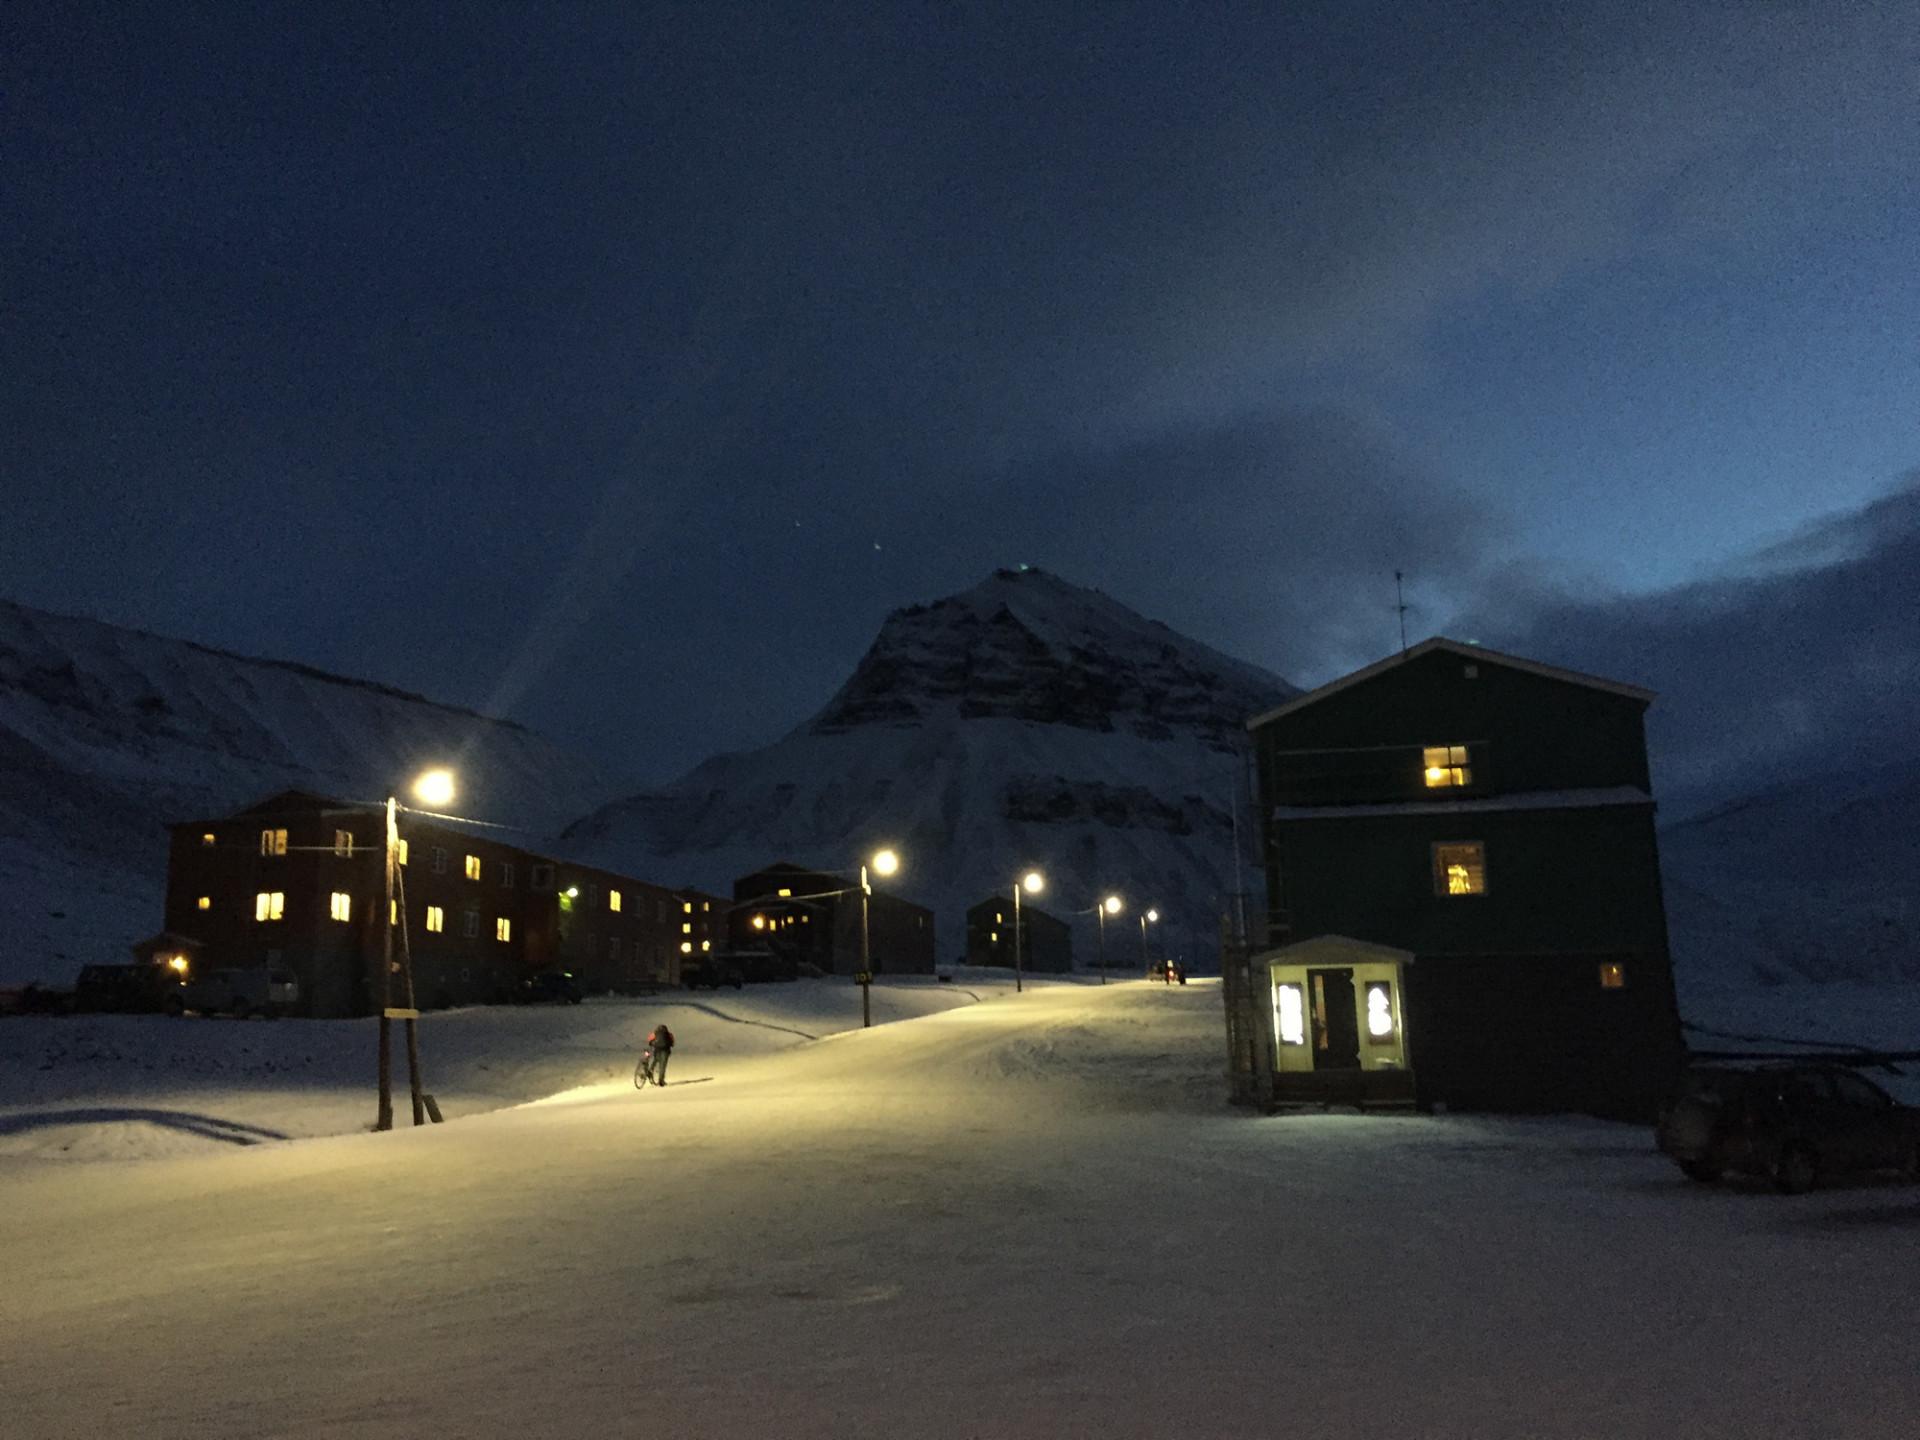 Mörk väg på Svalbard, Norge. En person syns gå med sin cykel under gatlyktornas gula sken.